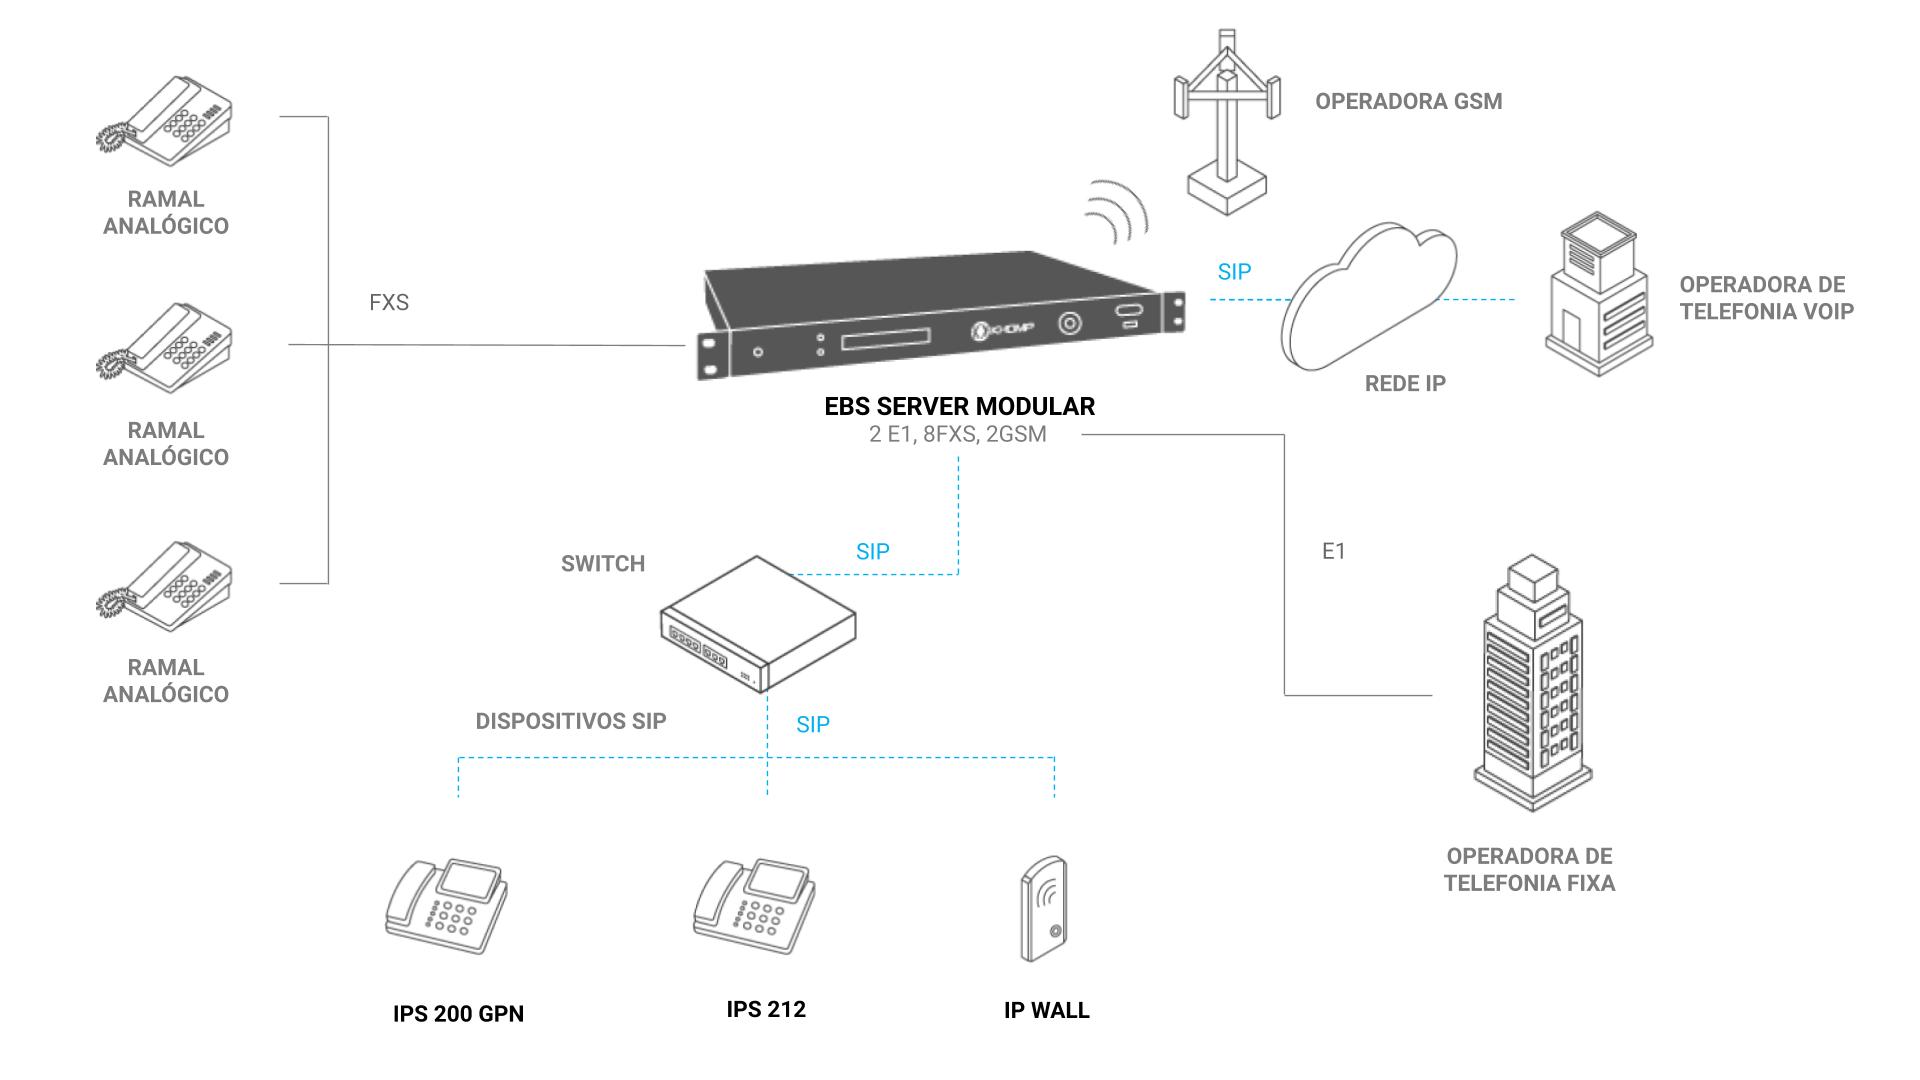 Modelo de aplicação - EBS Server Modular